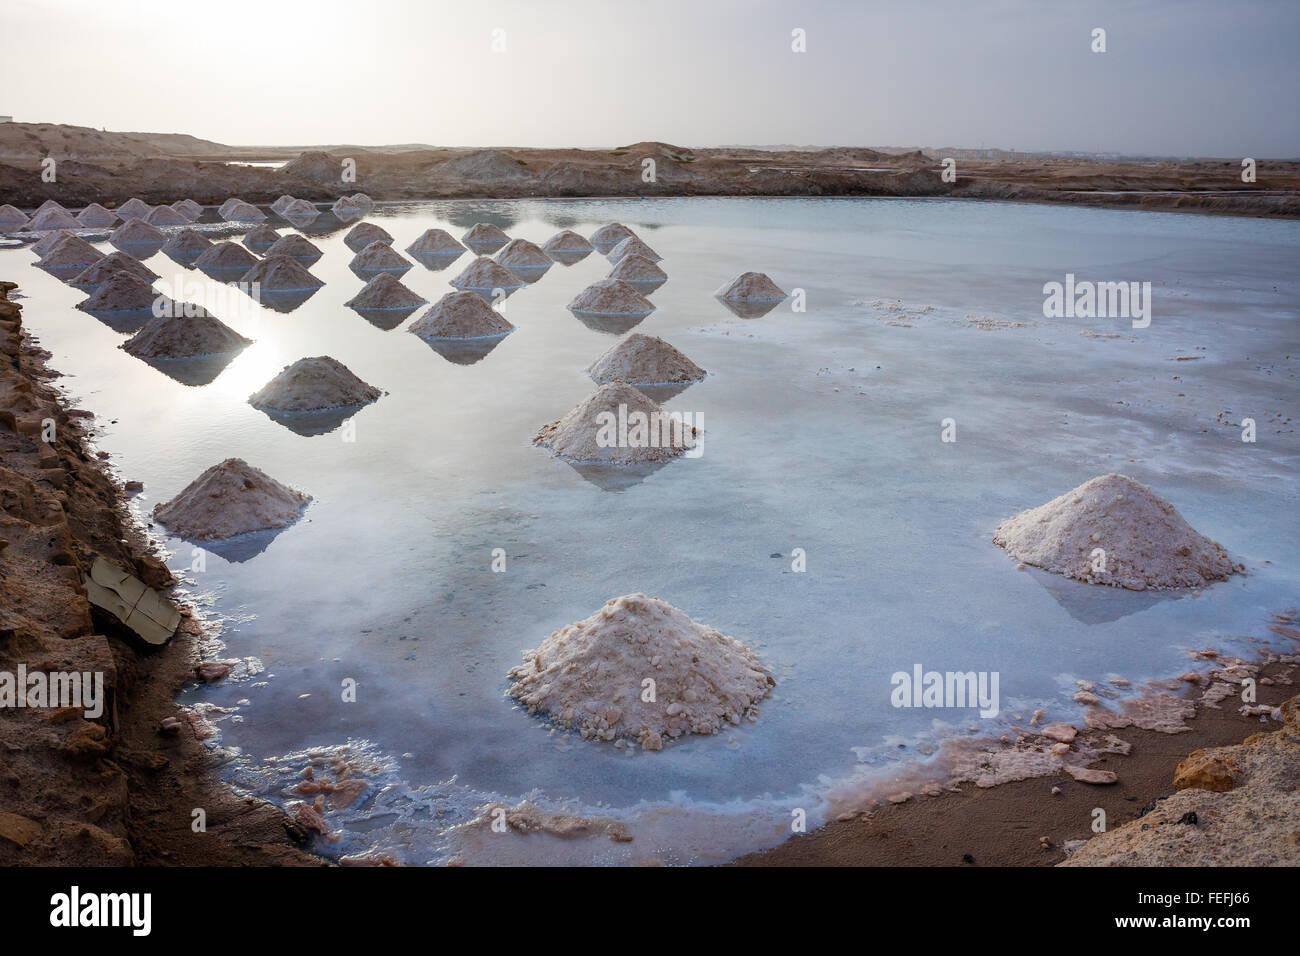 Montones de Sal en el agua, pozos de sal de Cabo Verde Imagen De Stock